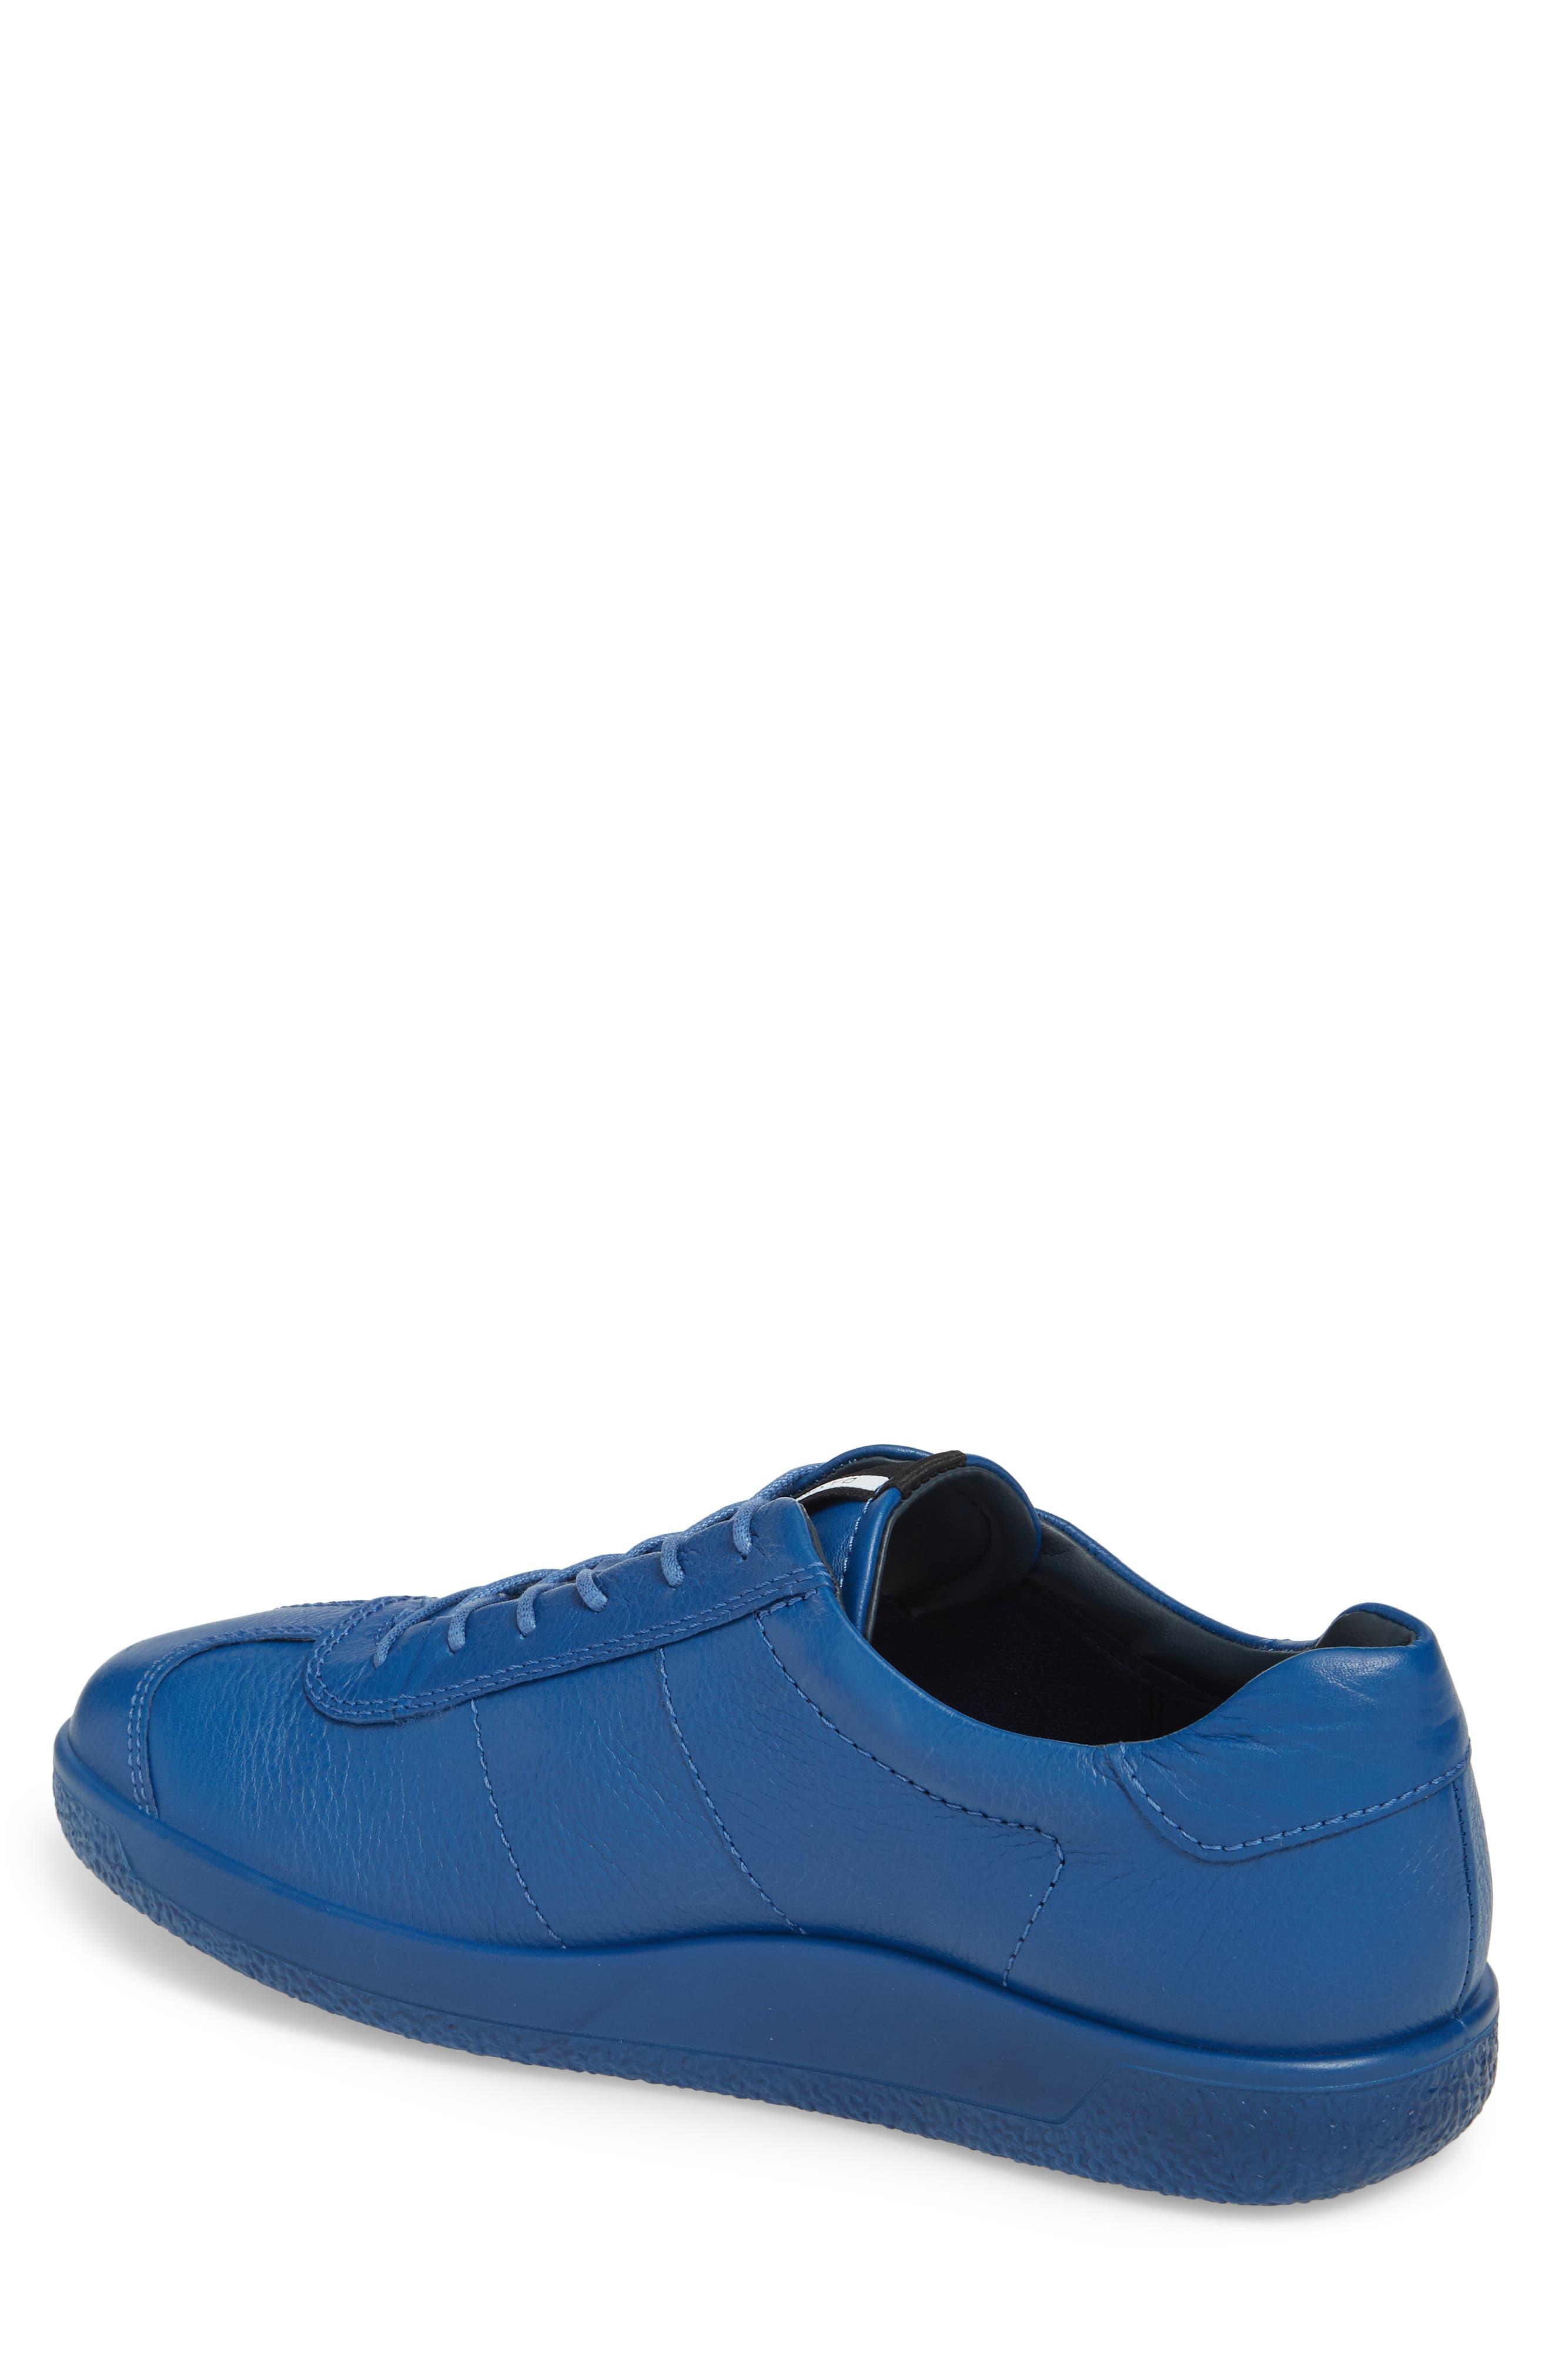 Soft 1 Sneaker,                             Alternate thumbnail 8, color,